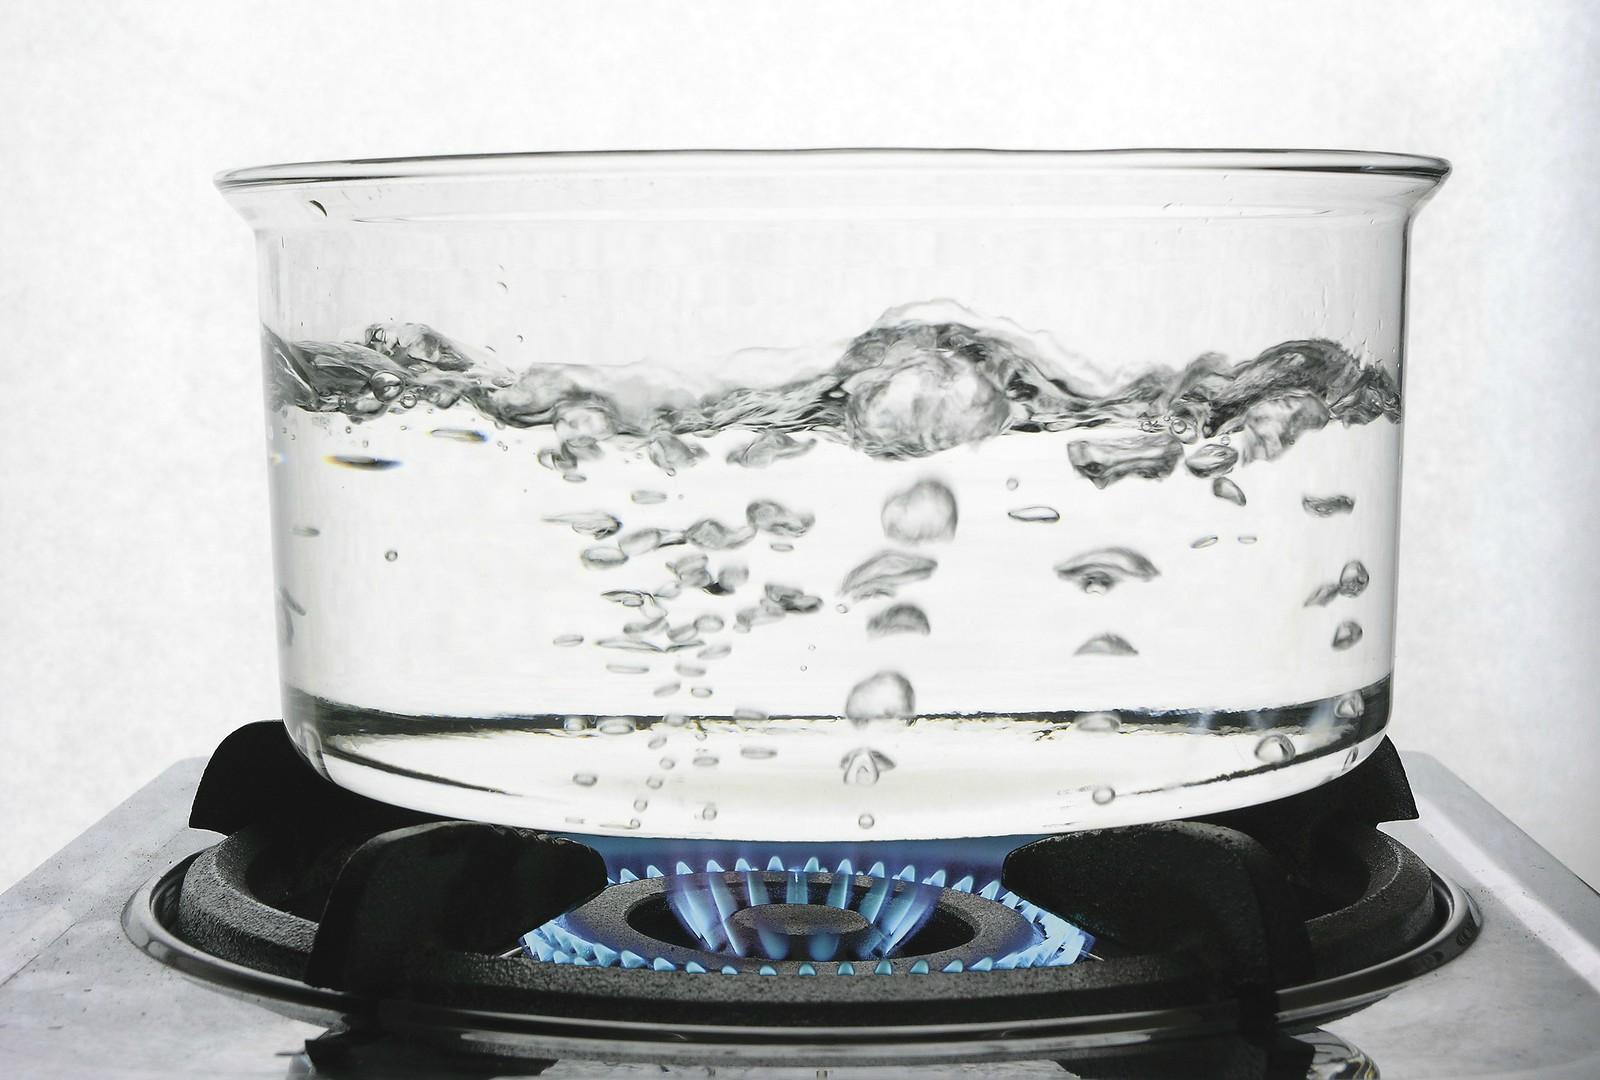 El ingeniero y ex presidente de Hidrocapital, José María de Viana, afirmó que los hogares deben tener filtros y desinfectante con ozono